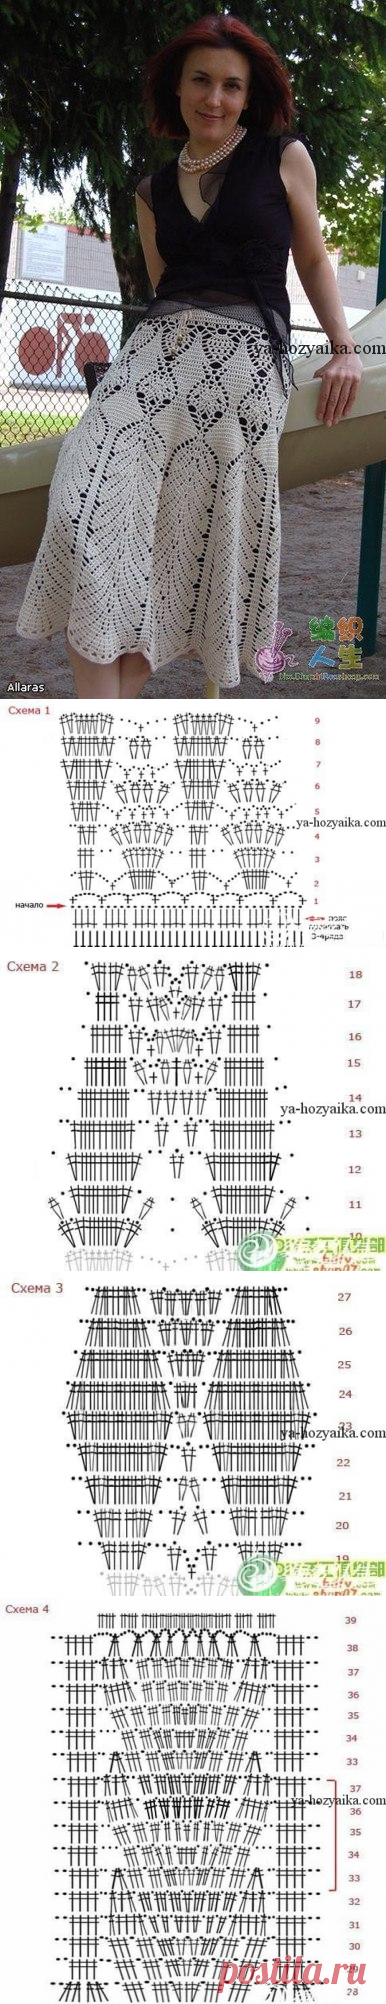 Летняя юбка крючком схема. Юбки с ажурным узором для женщин